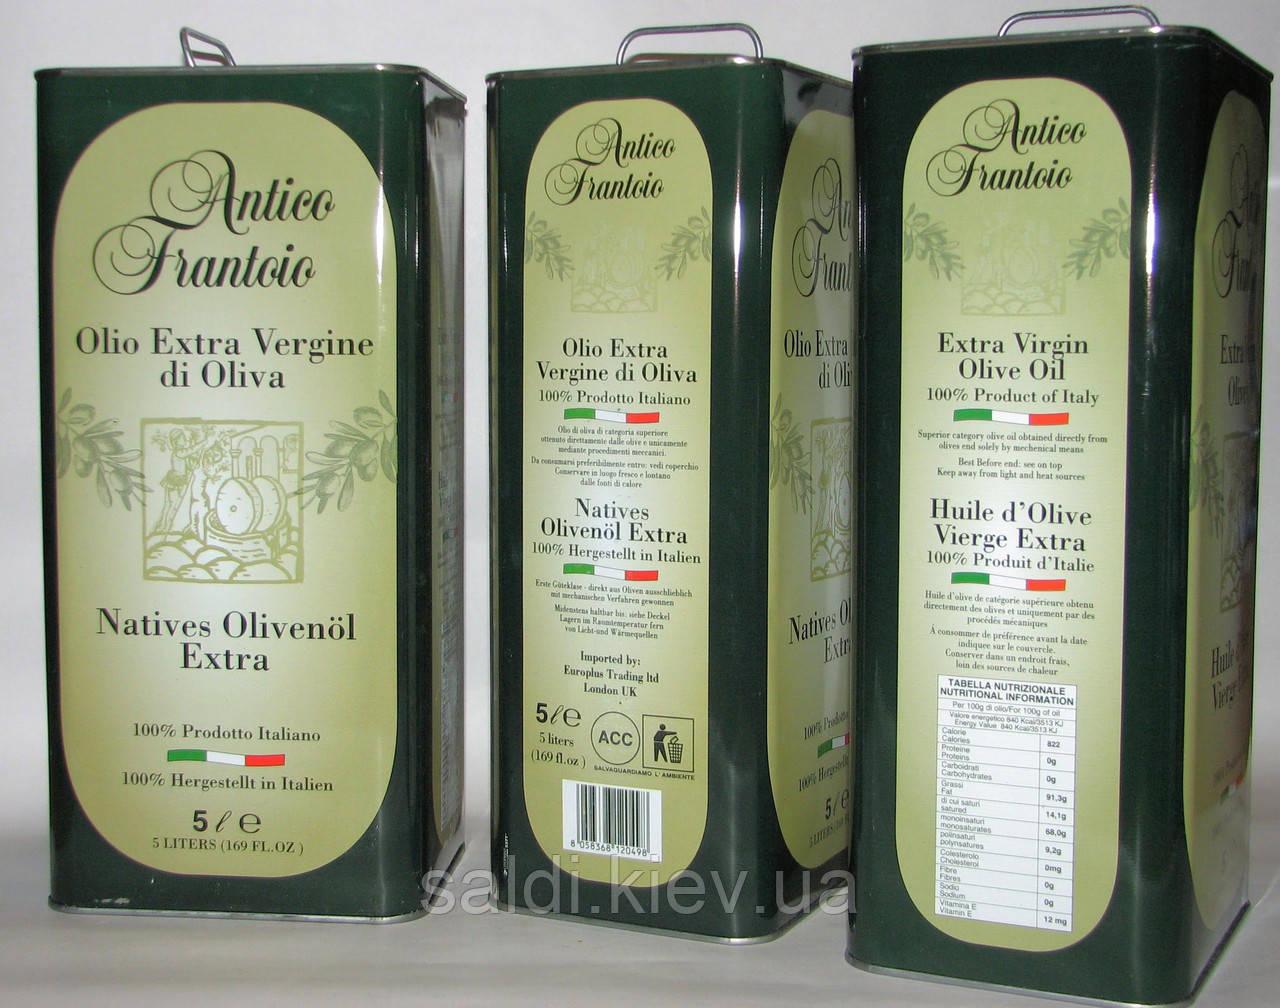 Оливковое масло Antico frantoio первого холодного отжима 5 литров